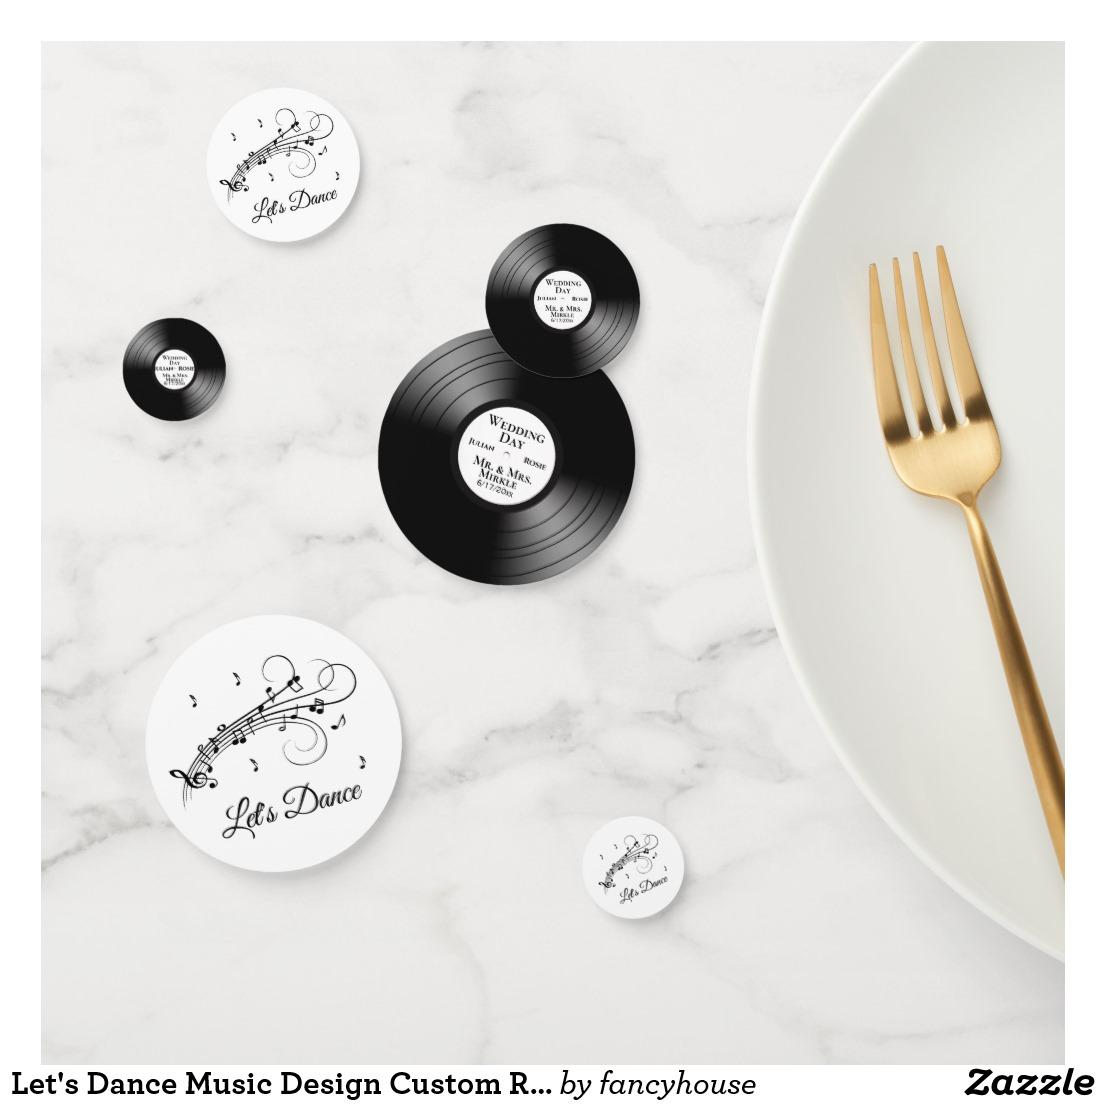 Let's Dance Music Design Custom Records Confetti